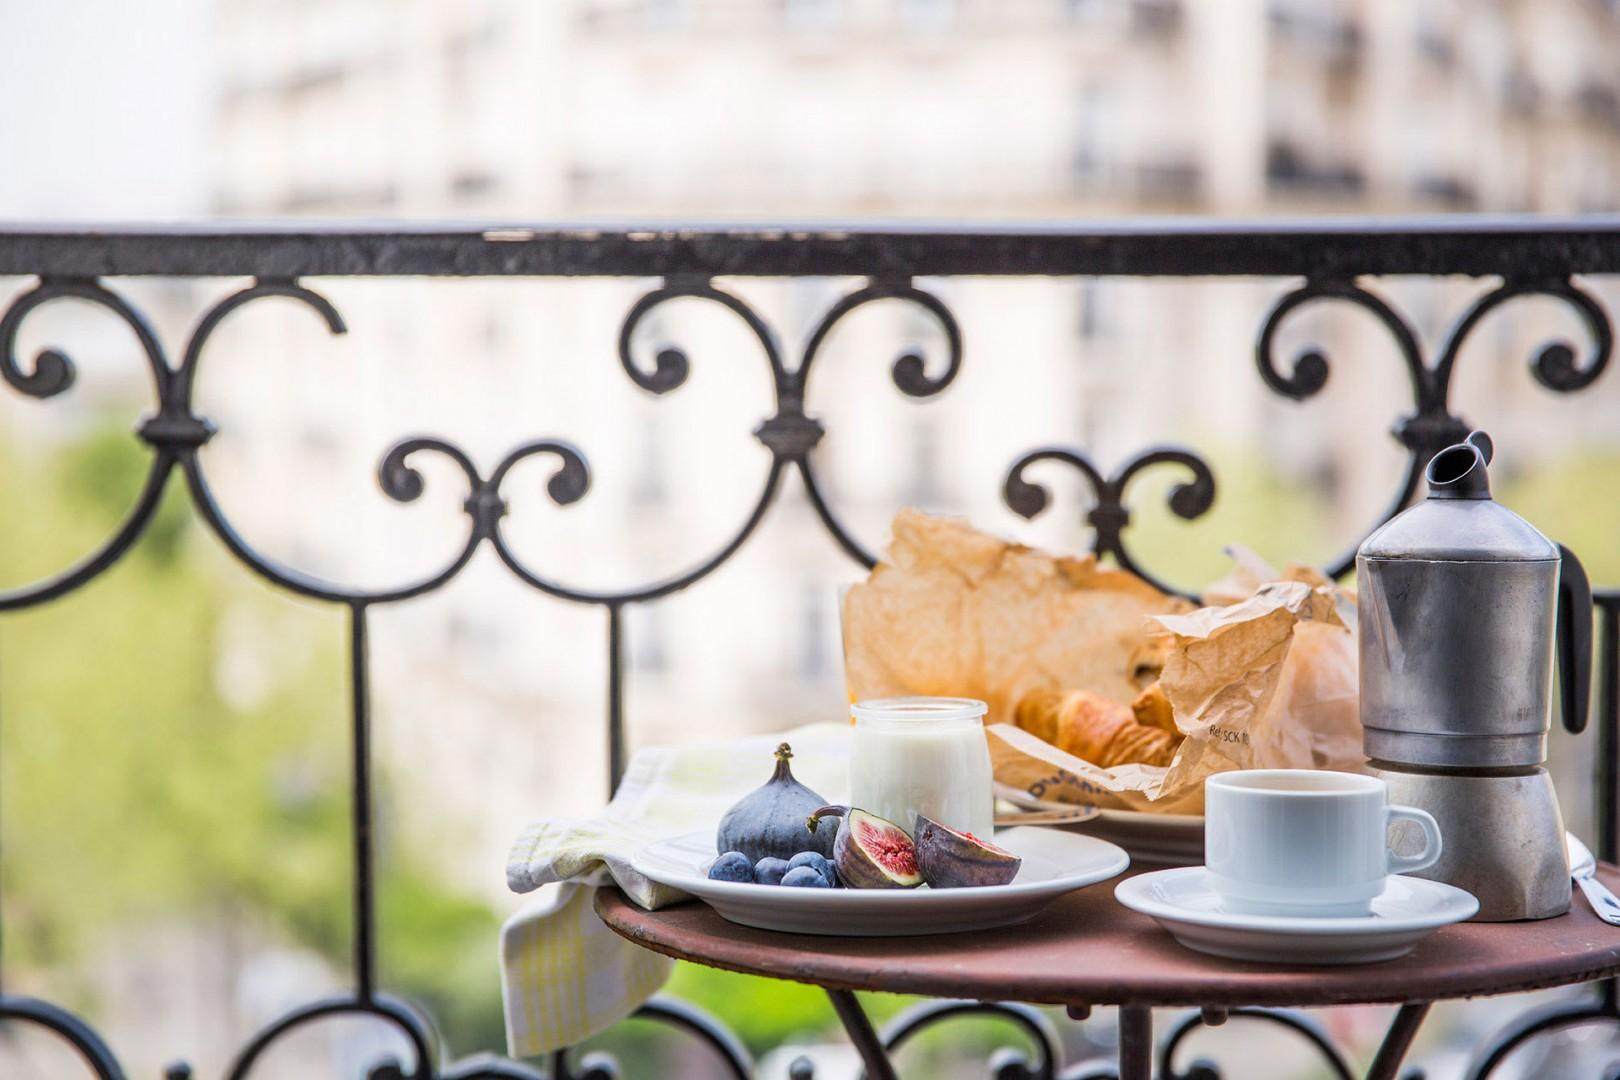 Enjoy breakfast on the sunny balcony.